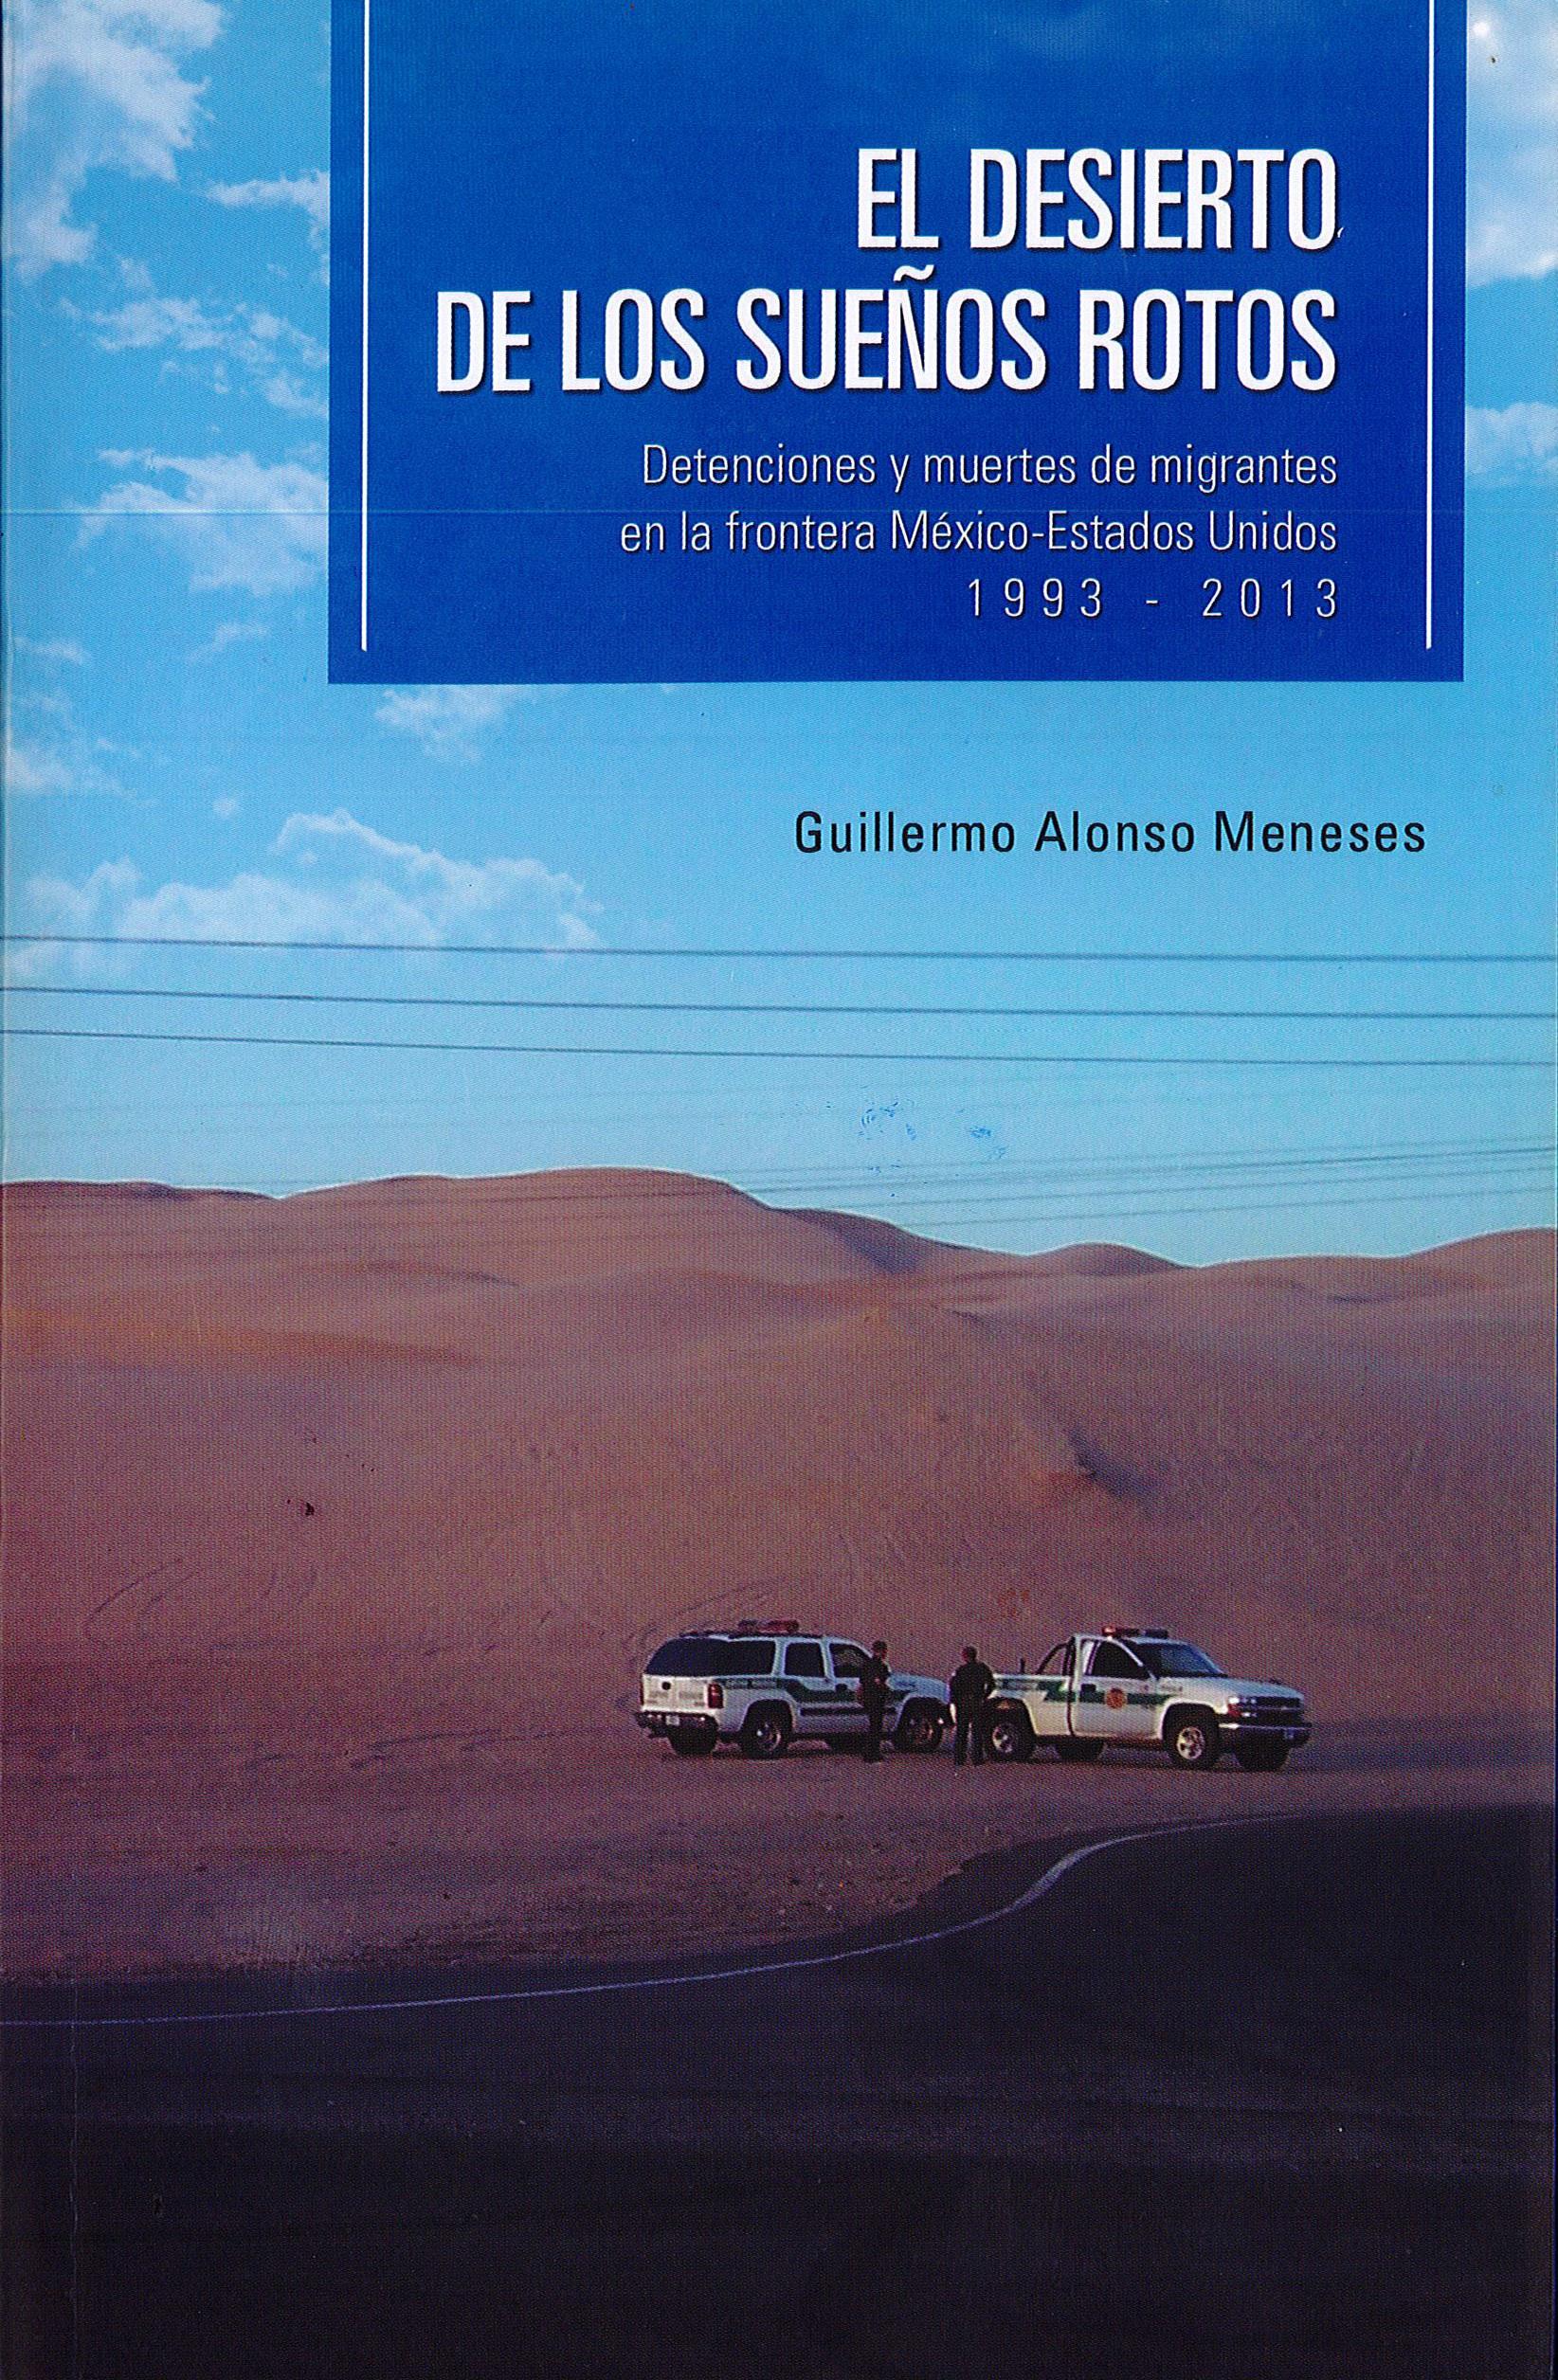 Portada de El desierto de los sueños rotos: Detenciones y muertes de migrantes en la frontera México-Estados Unidos 1993 - 2013. (1a. reimpresión)